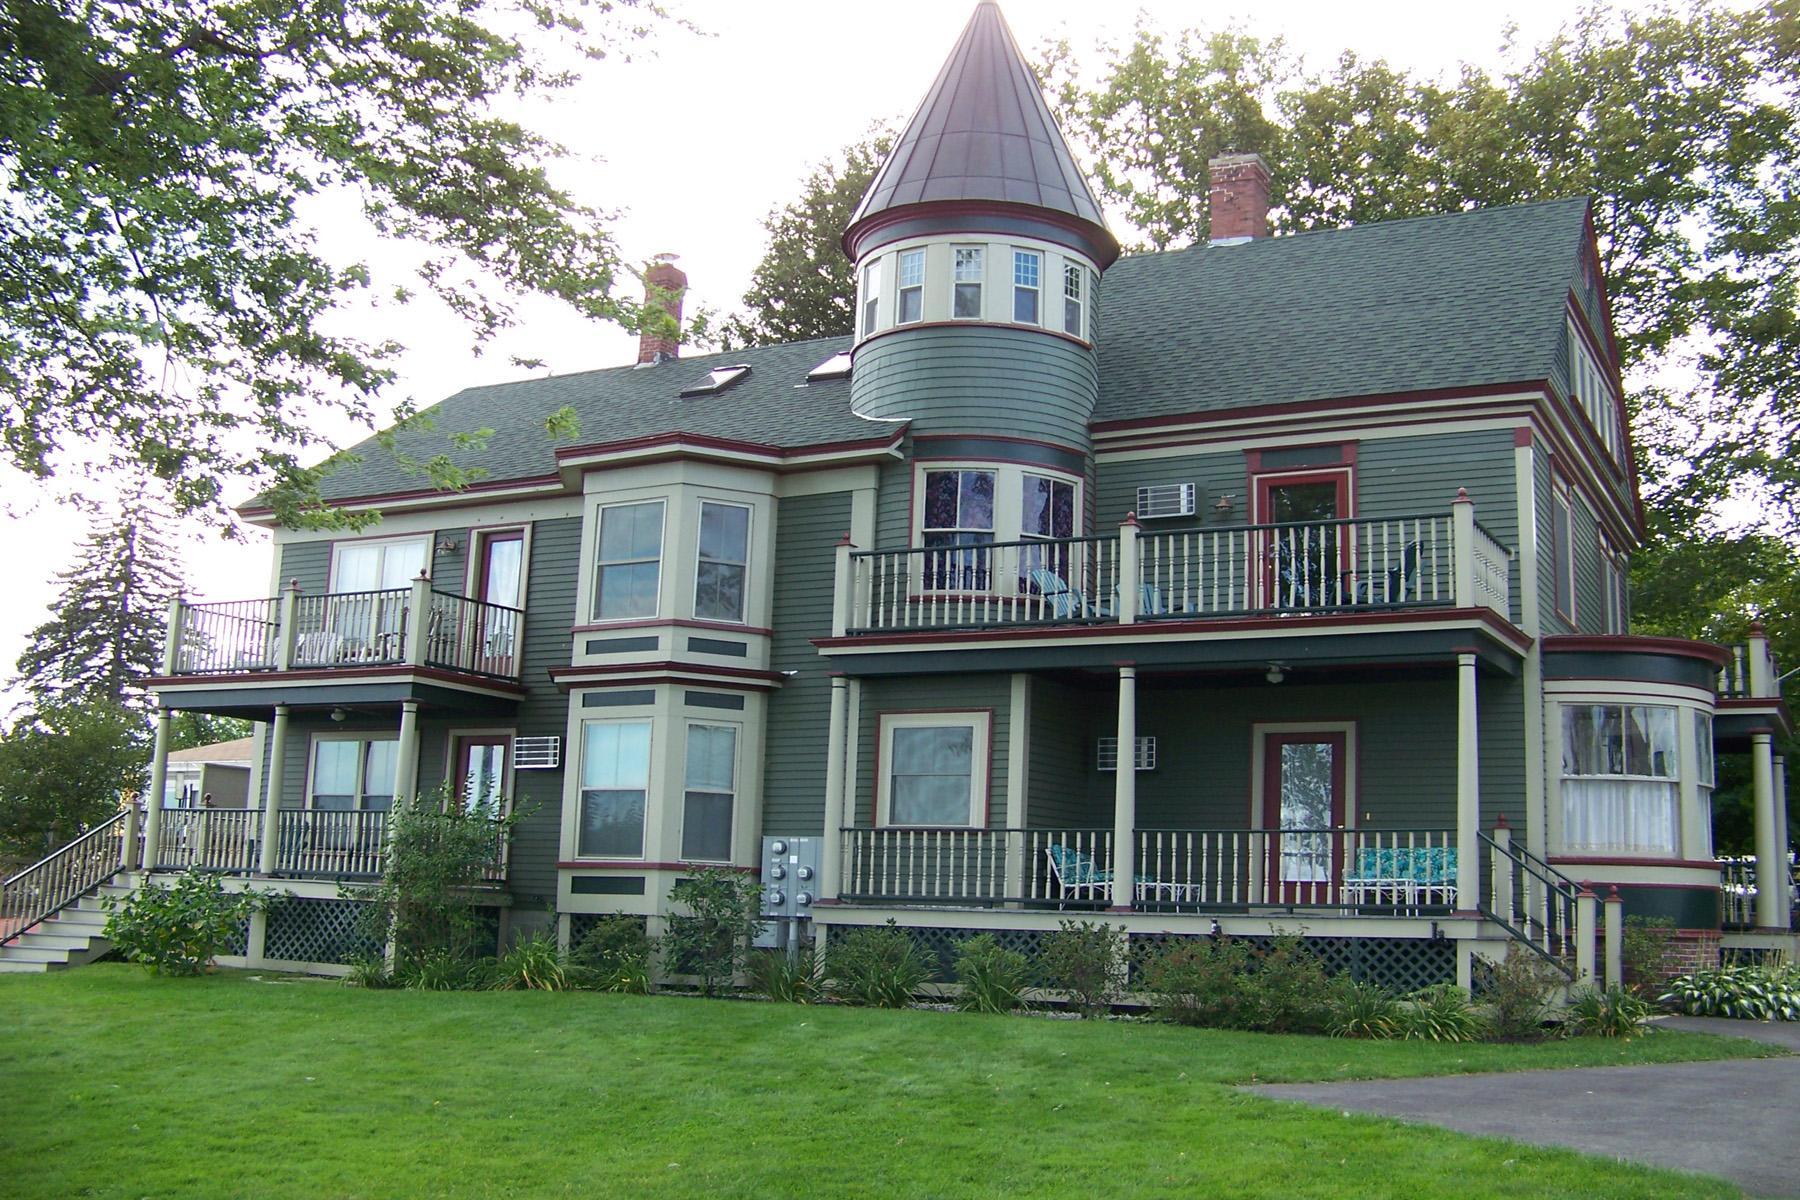 一戸建て のために 売買 アット 22 - 24 North Main Street, Wolfeboro Wolfeboro, ニューハンプシャー 03894 アメリカ合衆国